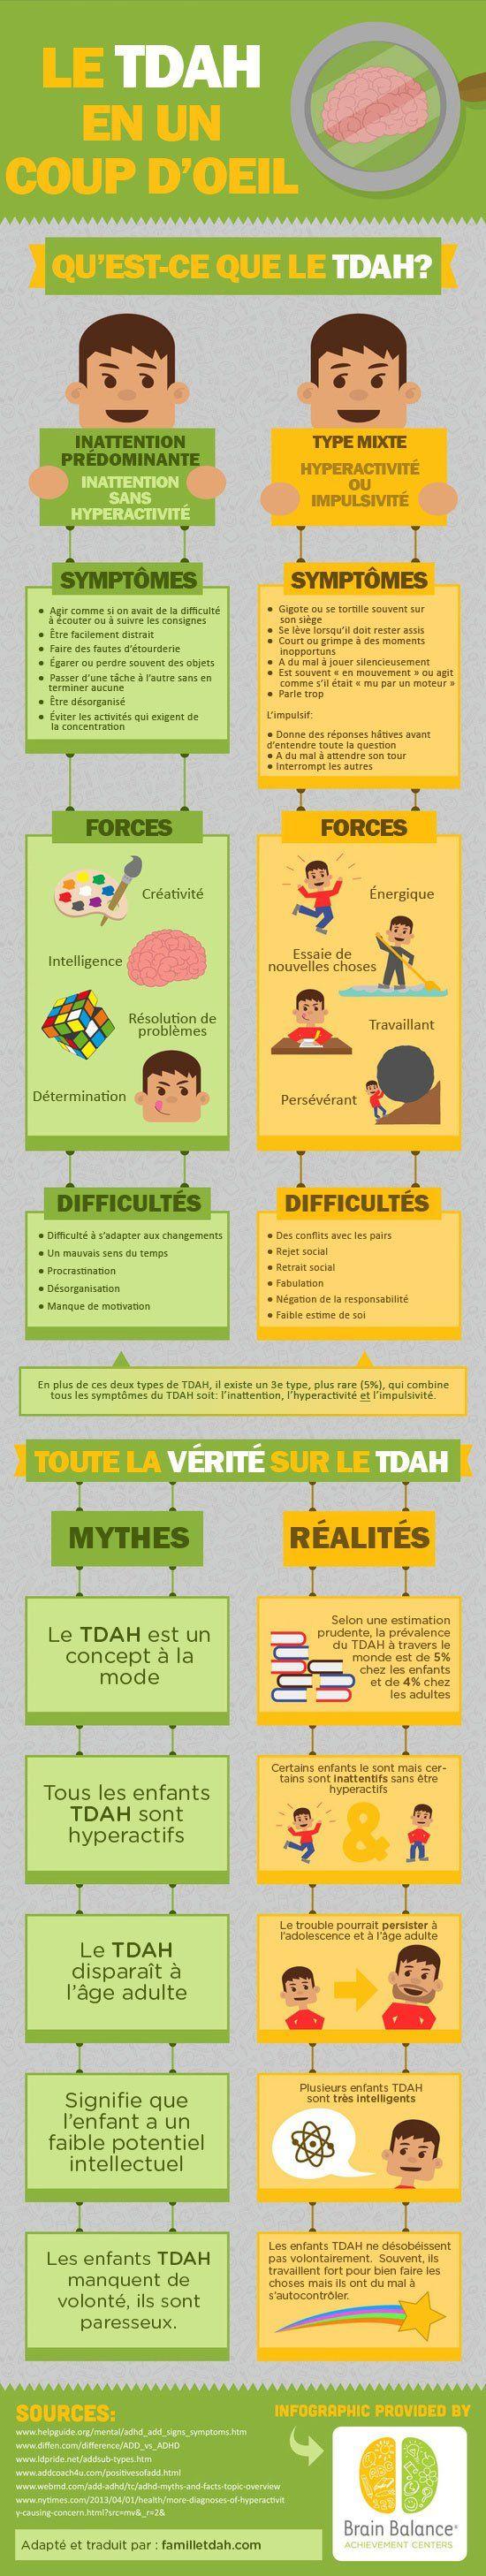 Qu'est-ce que le TDAH?